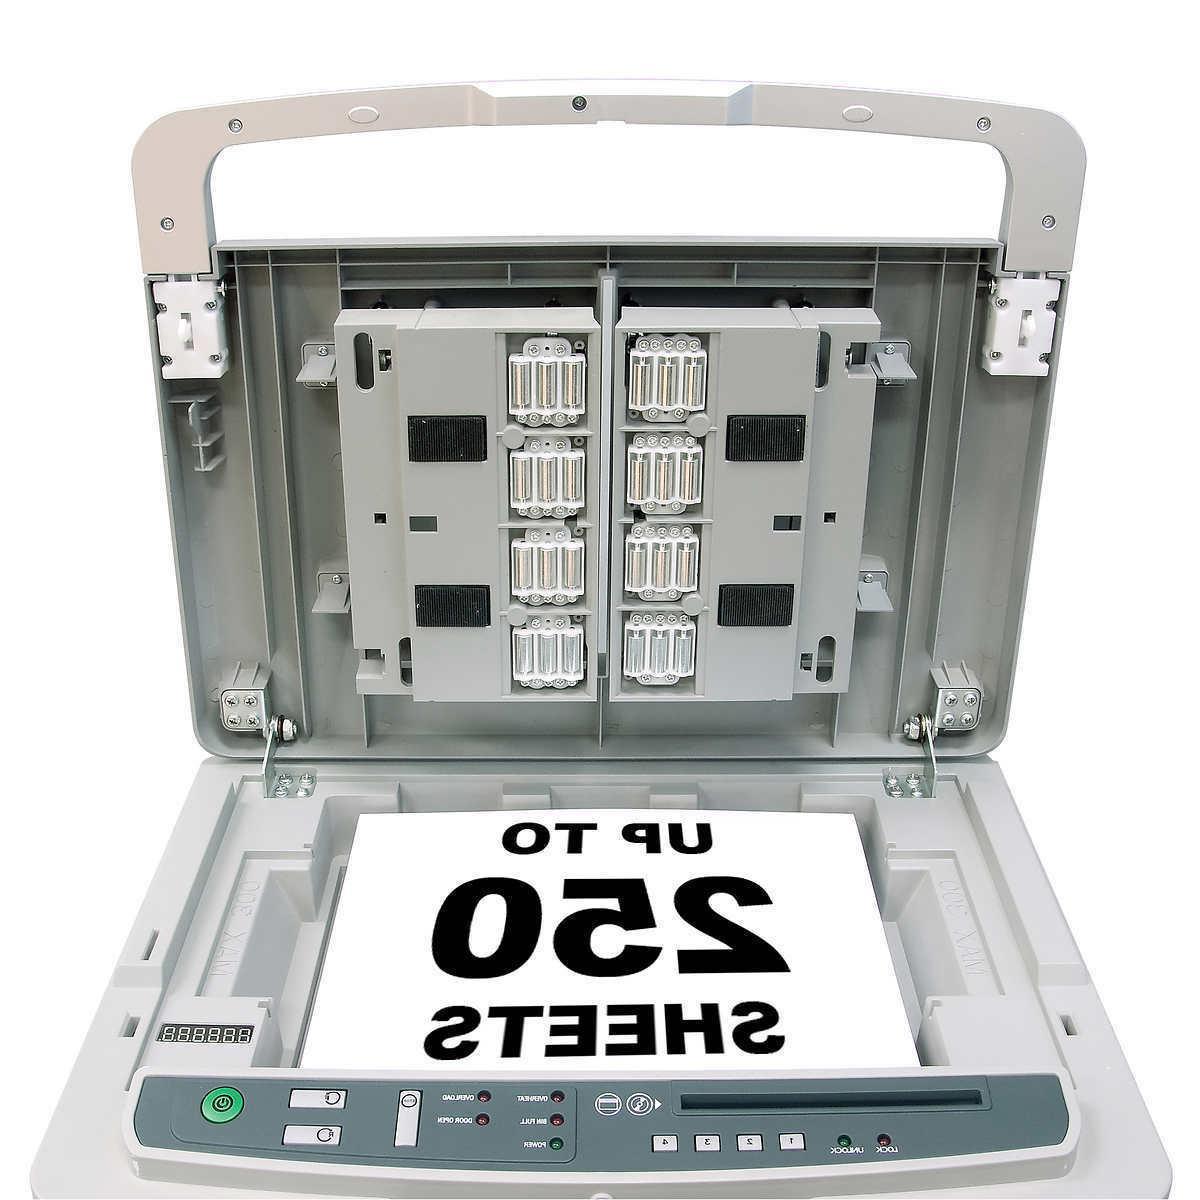 Boxis AutoShred Microcut Shredder